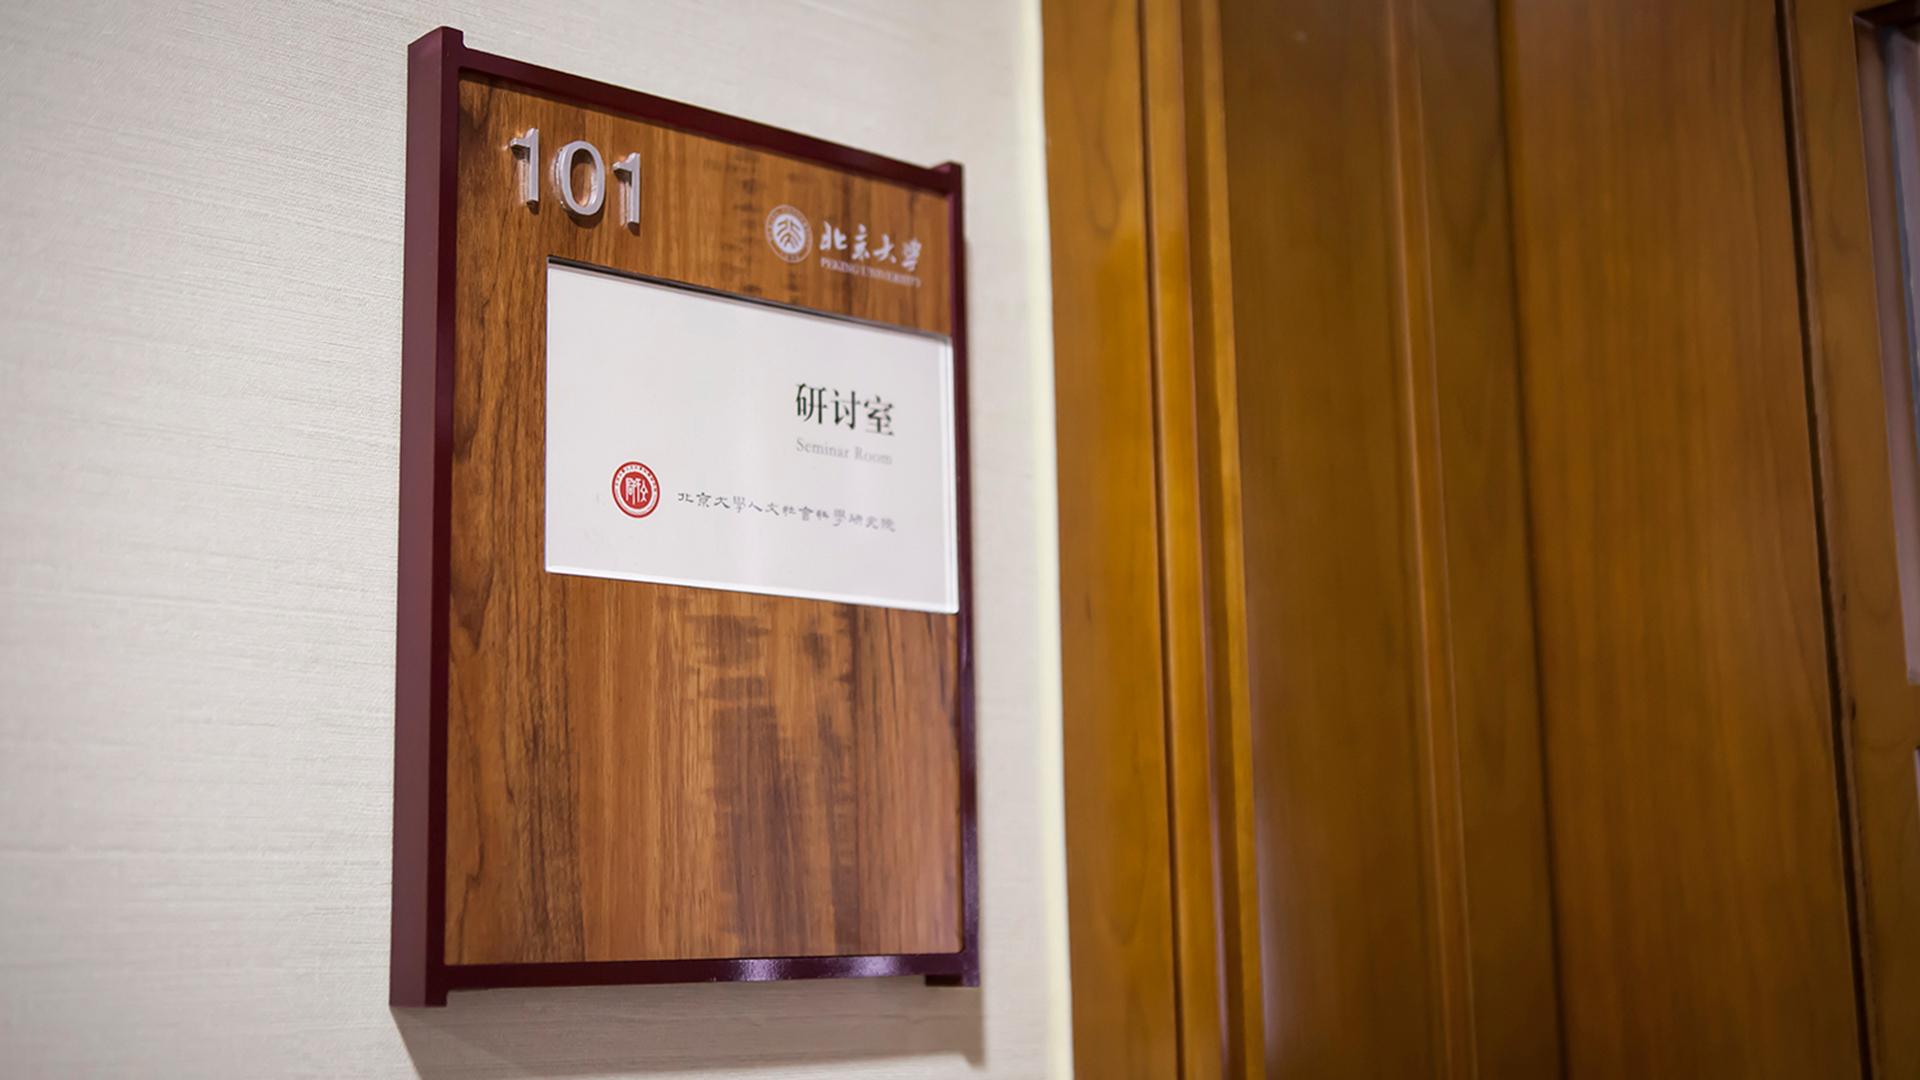 北京大学文研院门牌导视设计